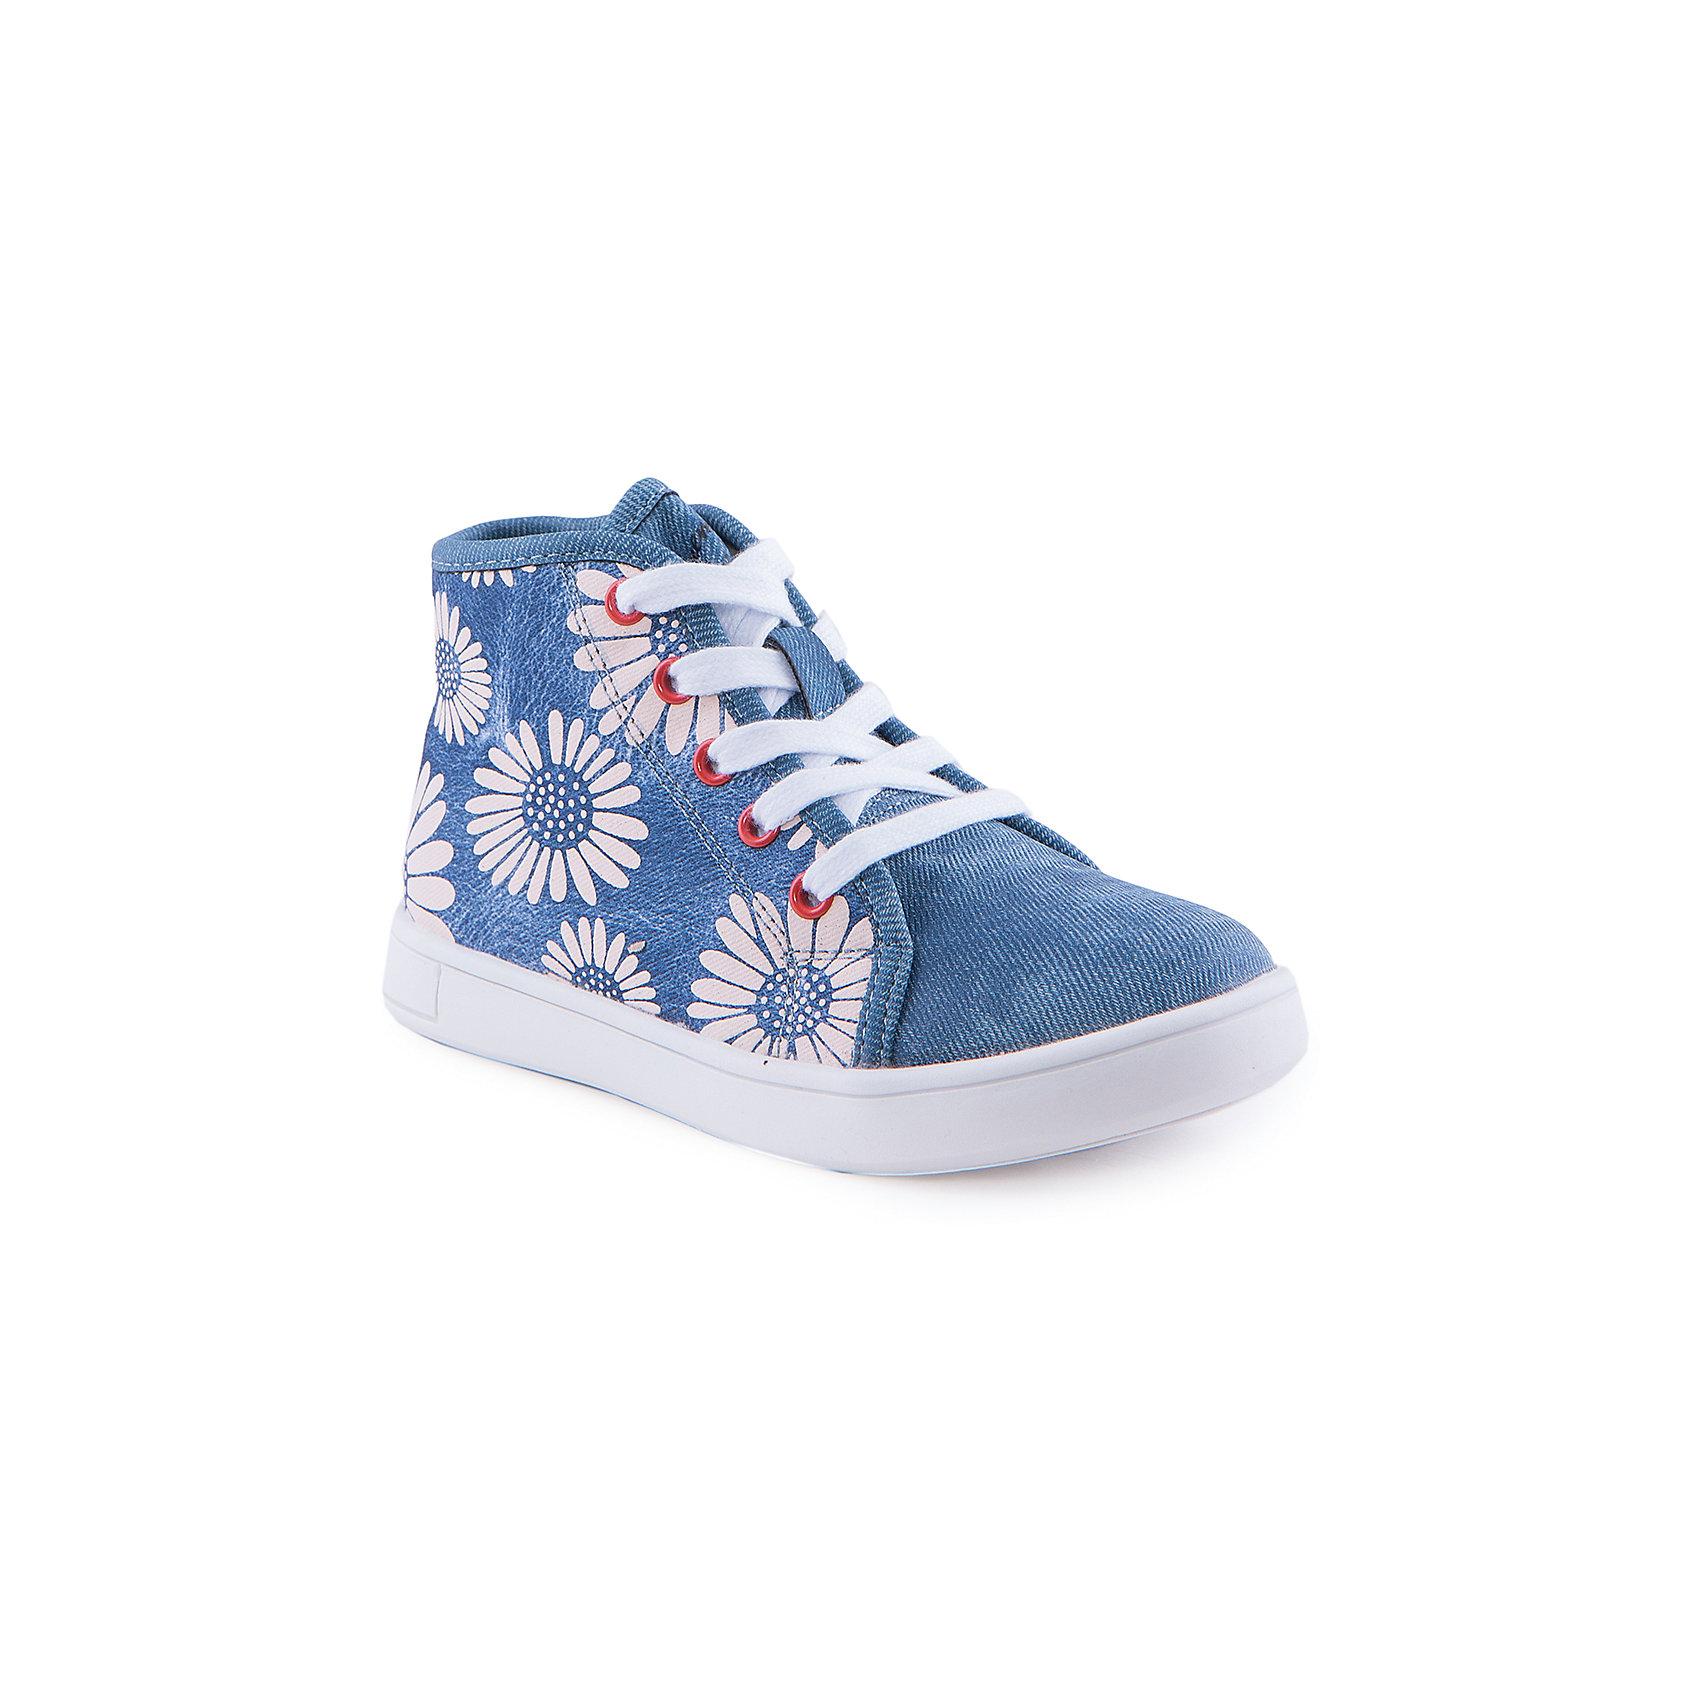 Ботинки для девочки Indigo kidsБотинки<br>Ботинки для девочки от известного бренда Indigo kids<br><br>Оригинальные полуботинки помогут создать интересный образ! Необычный дизайн делает эту модель стильной и привлекающей внимание. Они легко надеваются и комфортно садятся по ноге. <br><br>Особенности модели:<br><br>- цвет - под синюю джинсу;<br>- стильный дизайн;<br>- удобная колодка;<br>- натуральная кожаная подкладка;<br>- устойчивая белая подошва;<br>- крупный цветочный принт;<br>- шнуровка, молния.<br><br>Дополнительная информация:<br><br>Состав:<br><br>верх – искусственная кожа;<br>подкладка - натуральная кожа;<br>подошва - ТЭП.<br><br>Ботинки для девочки Indigo kids (Индиго Кидс) можно купить в нашем магазине.<br><br>Ширина мм: 262<br>Глубина мм: 176<br>Высота мм: 97<br>Вес г: 427<br>Цвет: голубой<br>Возраст от месяцев: 72<br>Возраст до месяцев: 84<br>Пол: Женский<br>Возраст: Детский<br>Размер: 29,30,28,26,27,31<br>SKU: 4520069